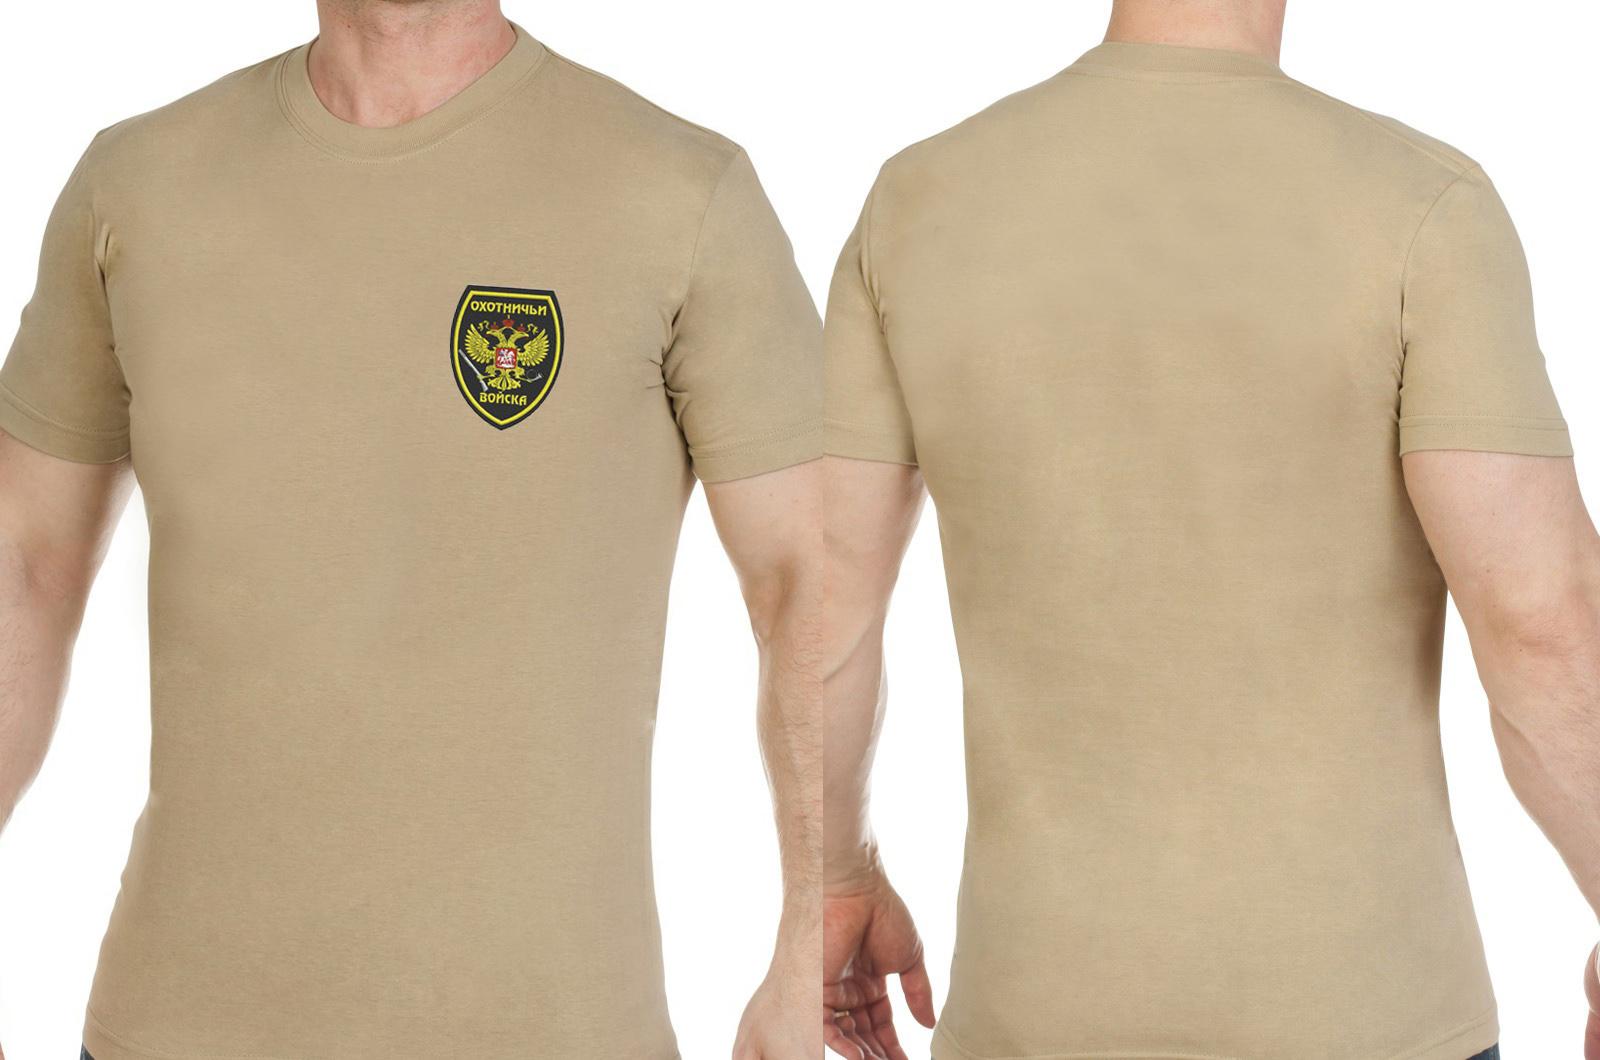 Трикотажная мужская футболка с вышитым шевроном Охотничьи Войска - купить оптом